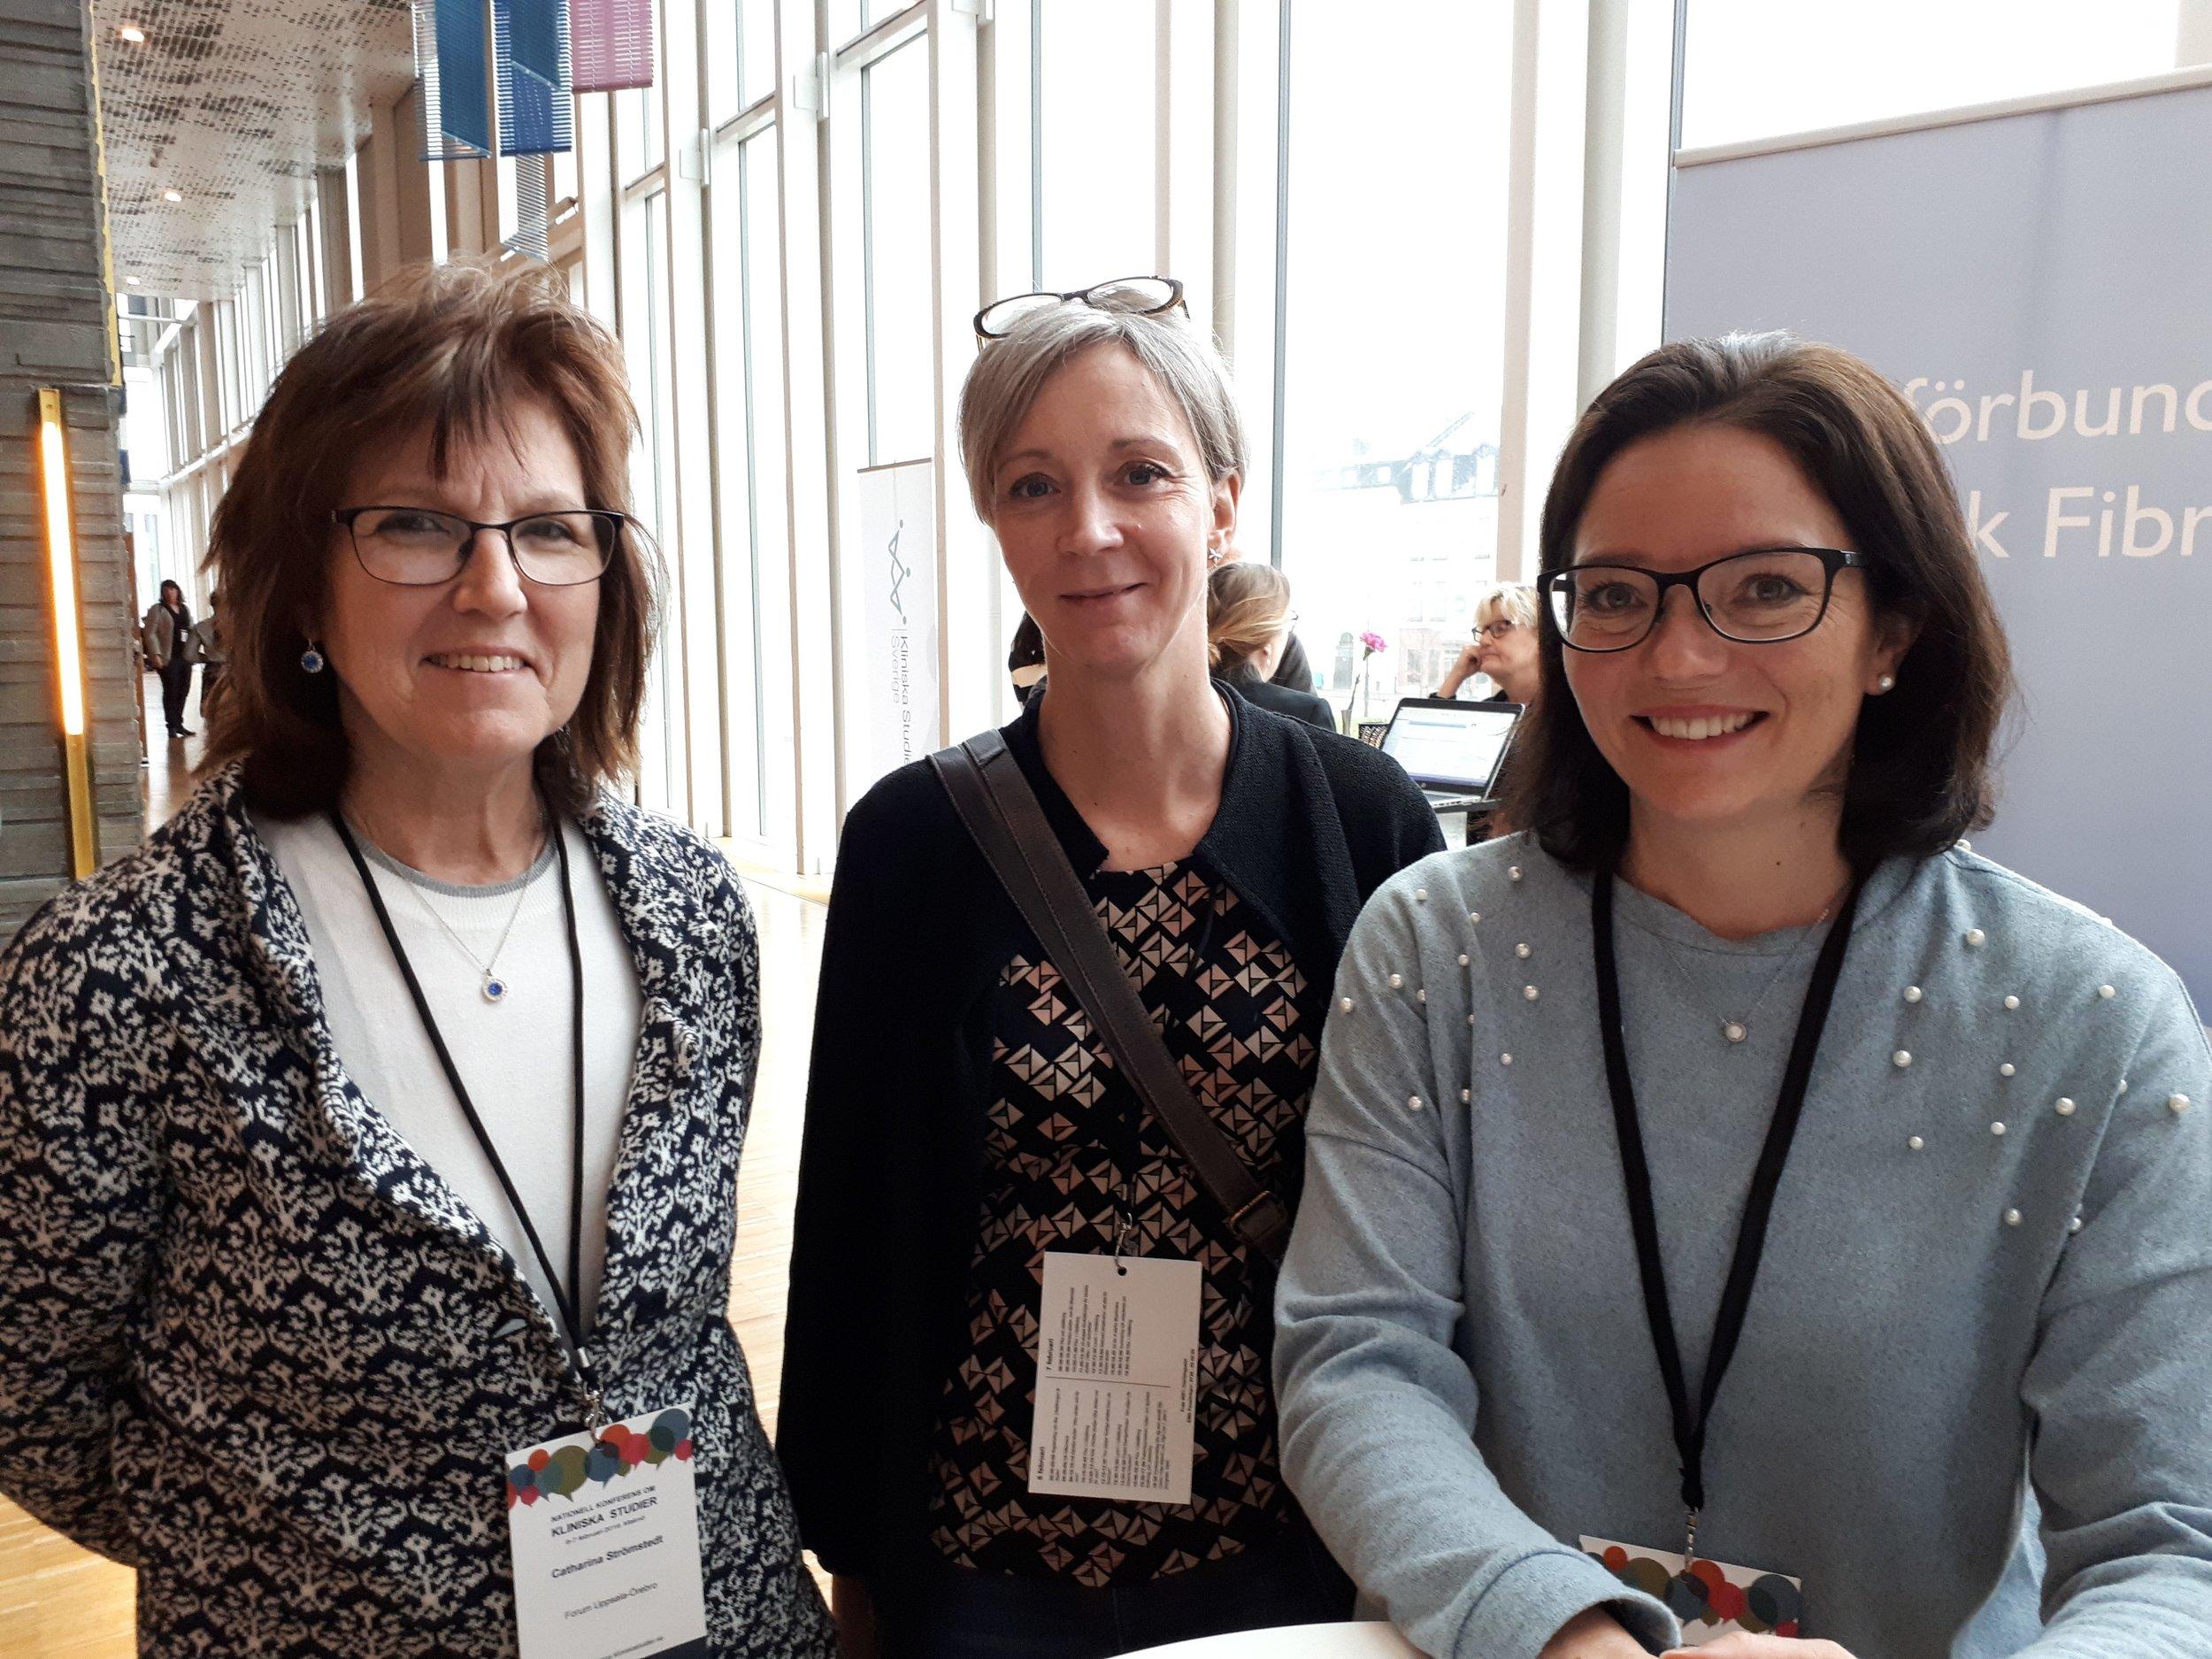 Konferensdeltagarna Catarina Strömstedt och Cecilia Skage Jacobsson tillsammans med RfCFs kanslichef Åsa Silfverplatz